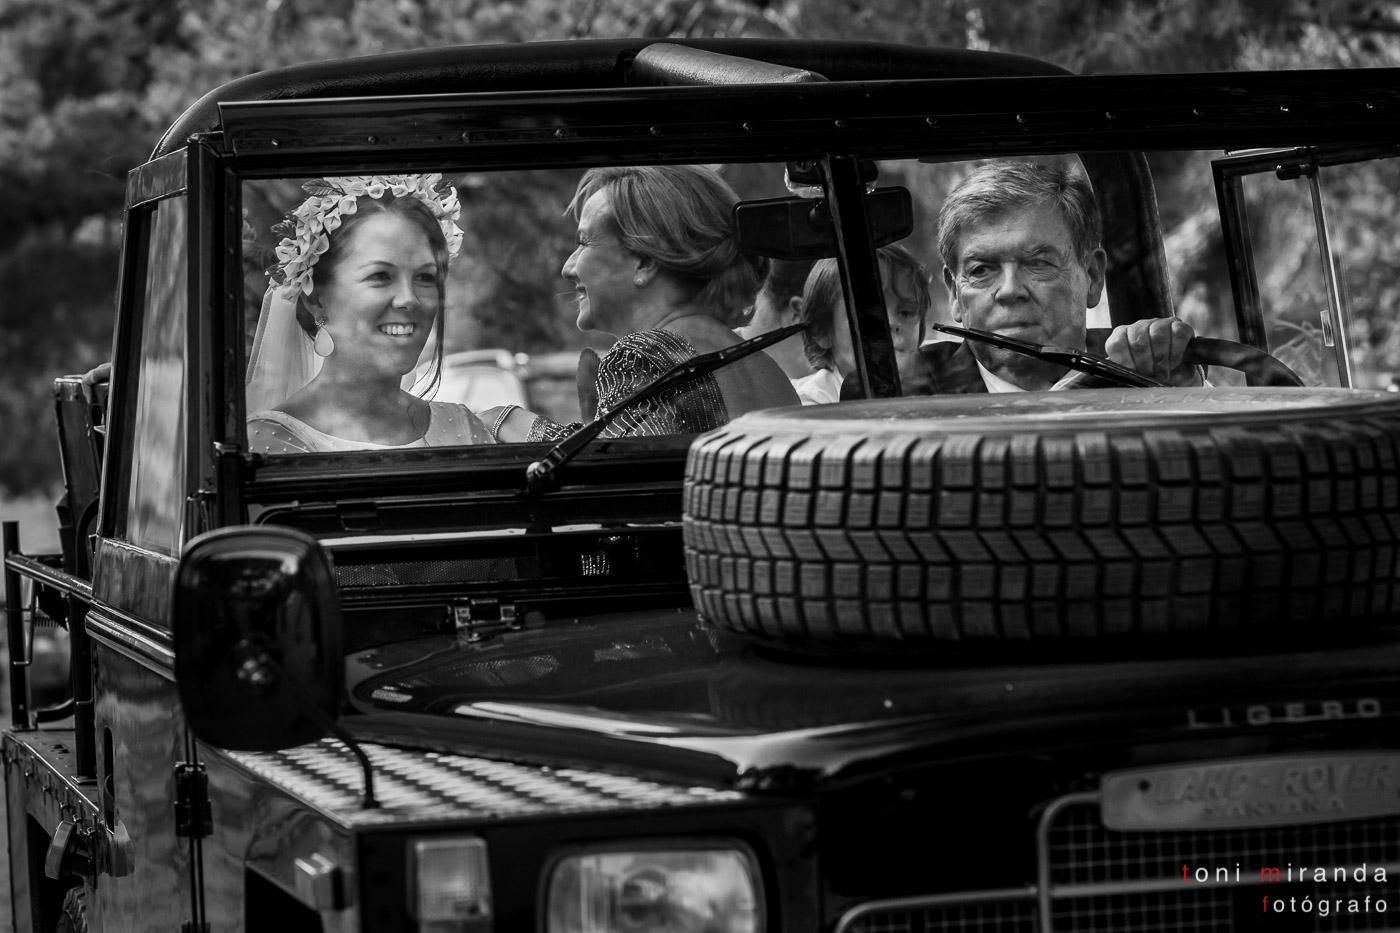 llegada de novia a ermita de polop en jeep